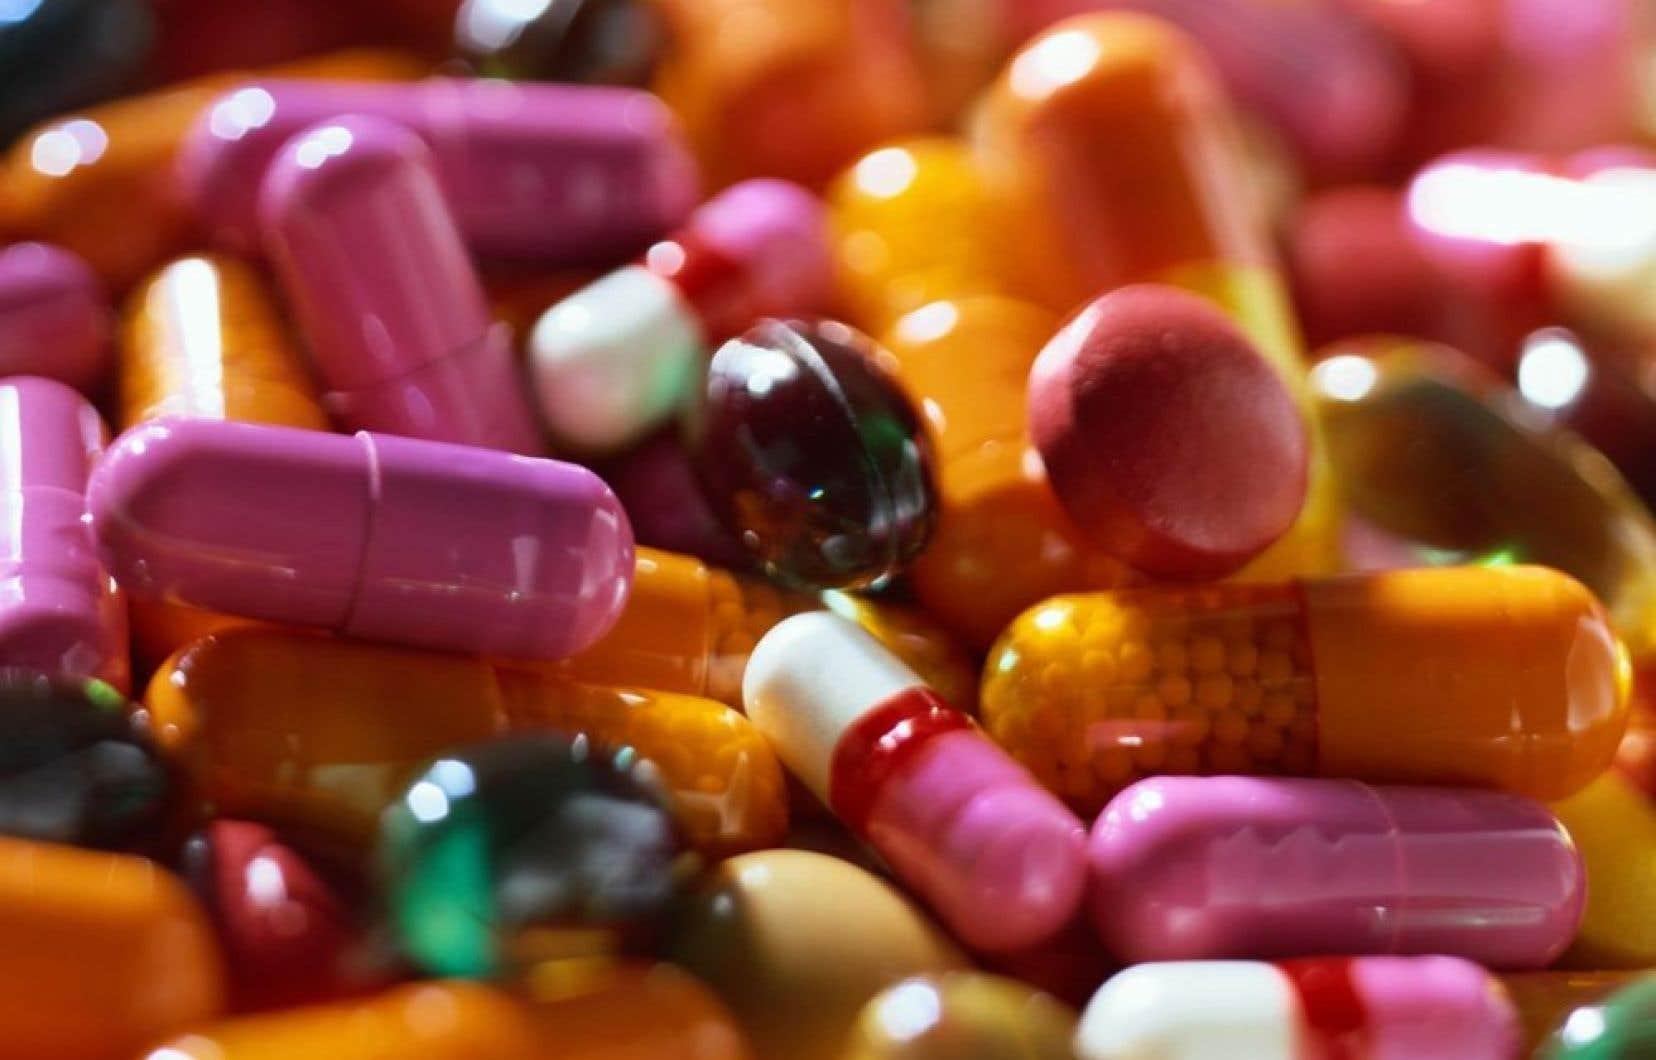 La loi 41 donnera aux pharmaciens le pouvoir de prescrire et d'ajuster certains médicaments à compter du 3 septembre.